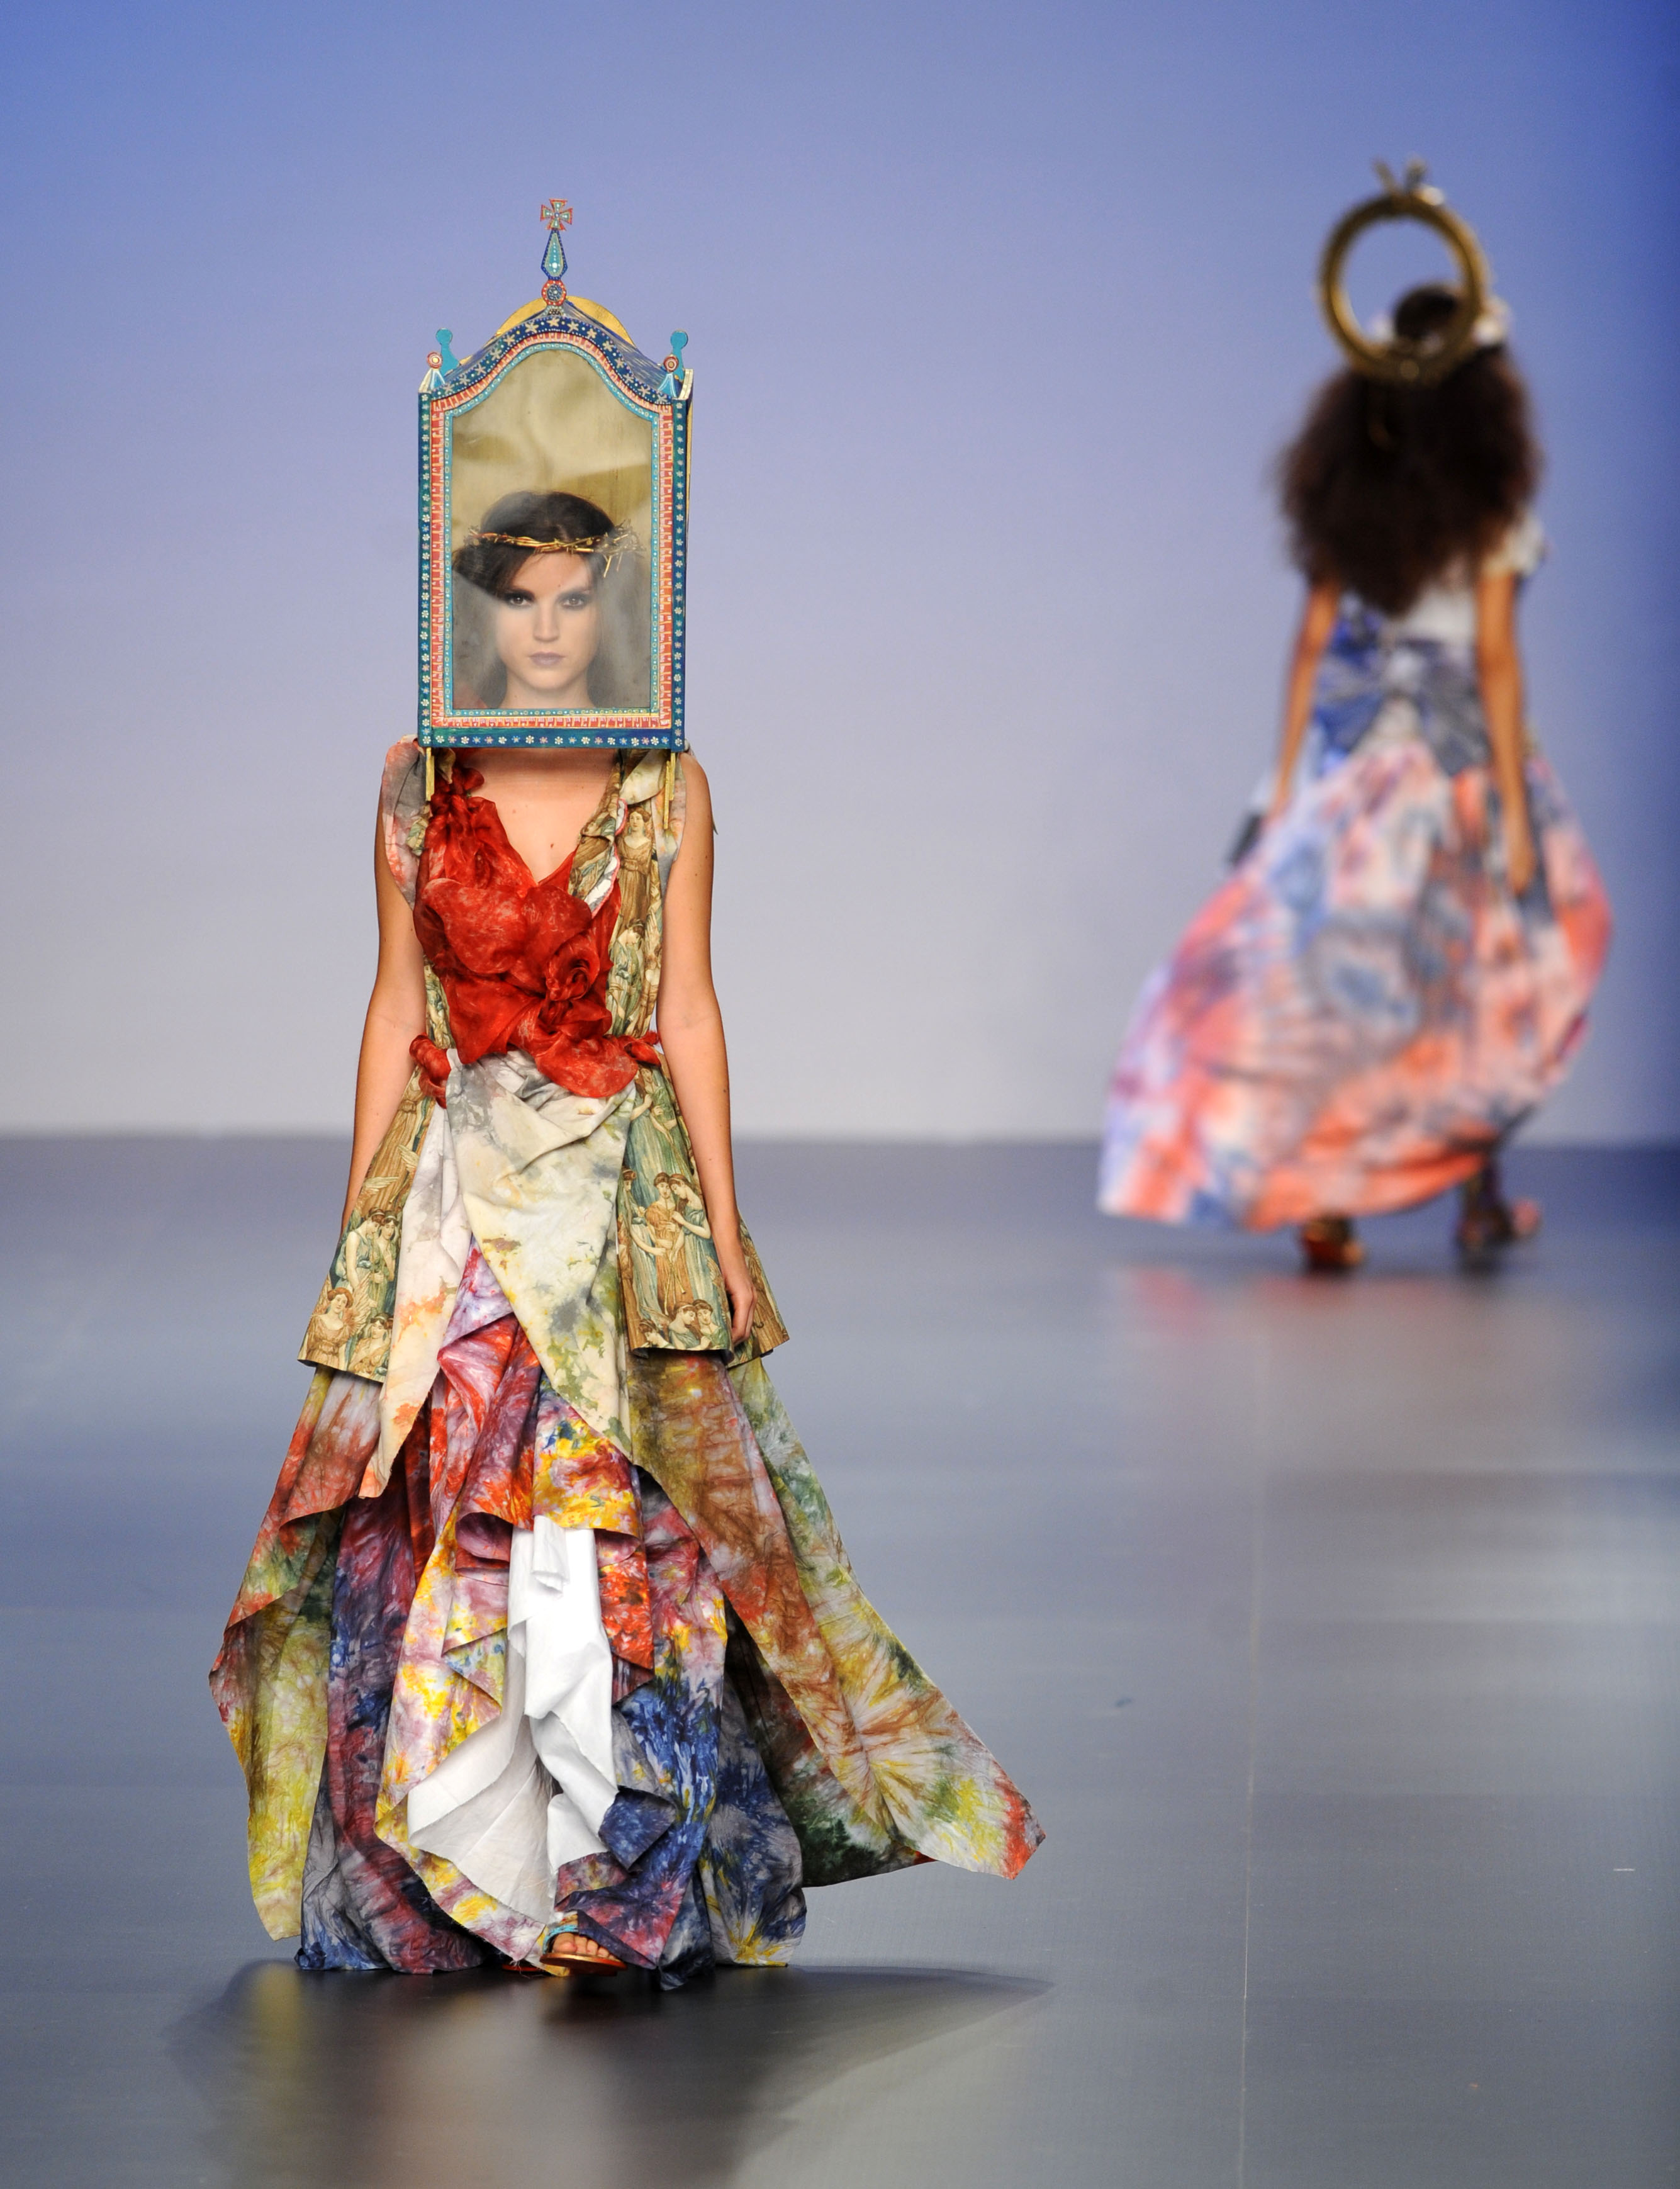 服装设计师罗德里格斯,以戏剧化的表现手法,使用面具作为重要辅助材料